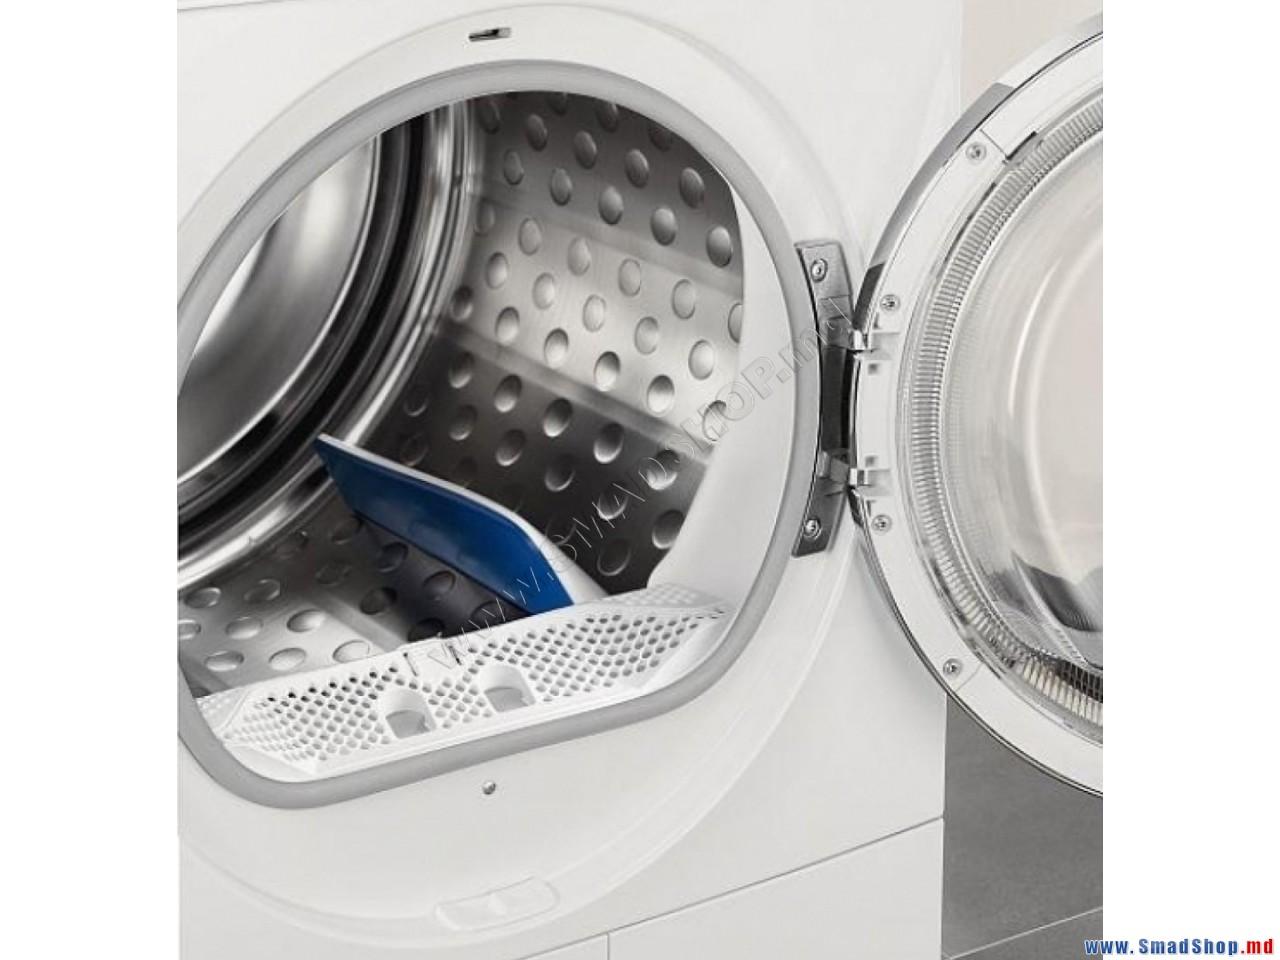 Выбираем стиральную машину electrolux: рейтинг моделей по цене и функциям, преимущества и недостатки моделей электролюкс